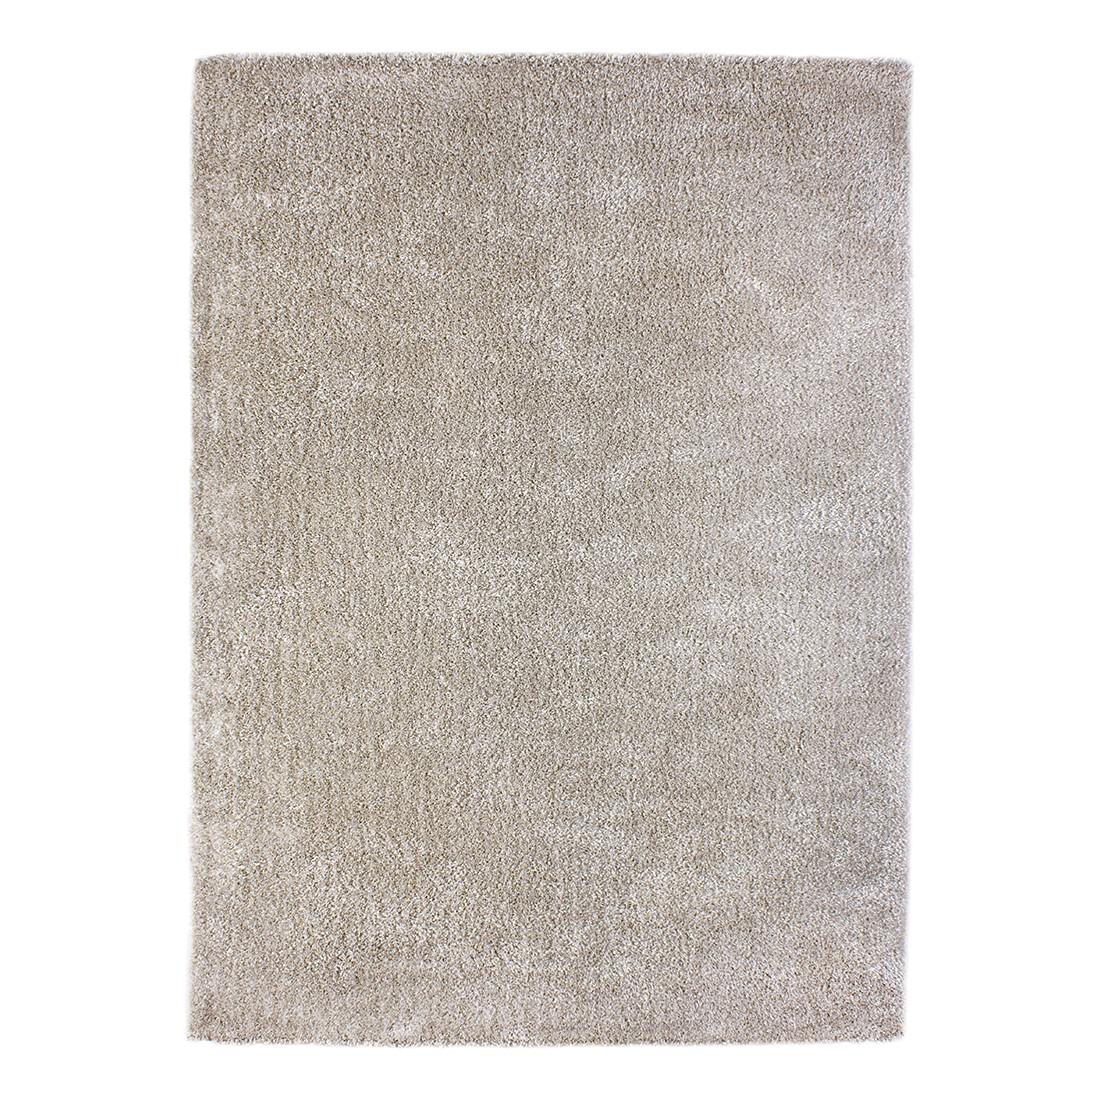 Teppich Montgomery – 65 x 135 cm – Beige, andiamo günstig